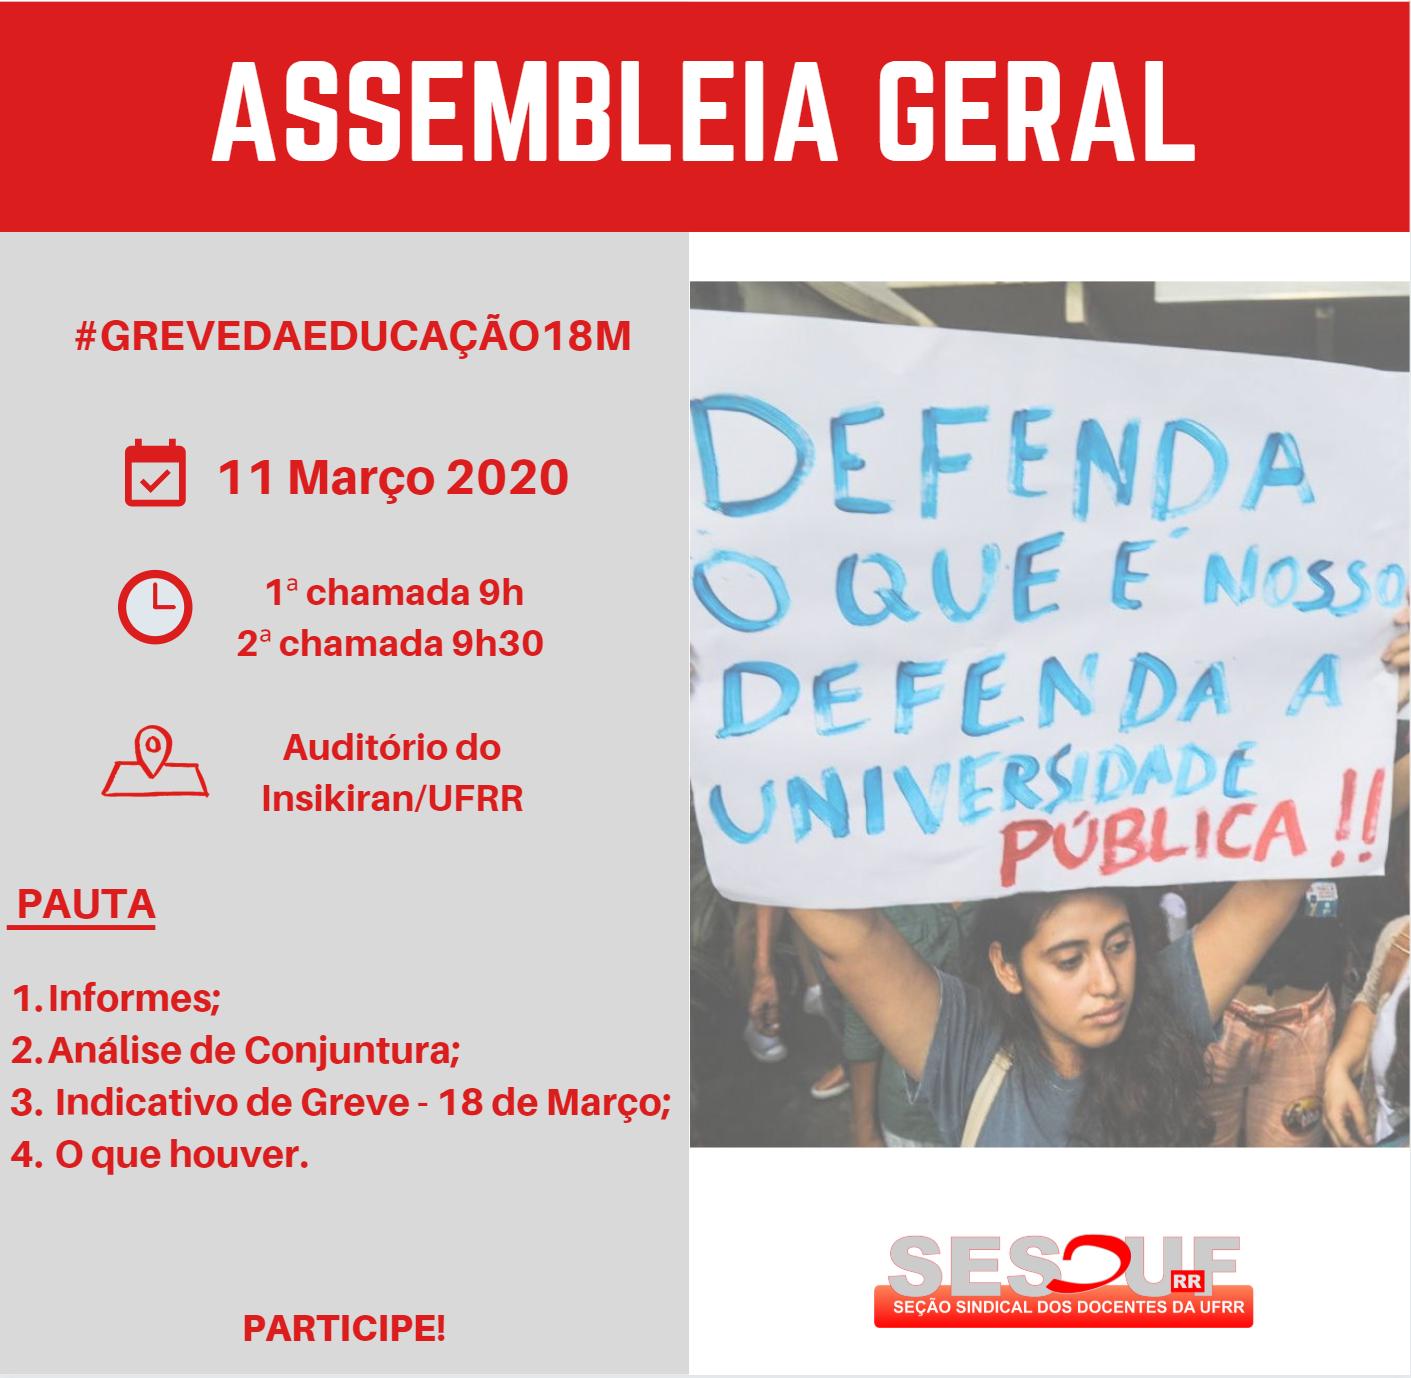 CONVOCAÇÃO - ASSEMBLEIA GERAL 11/03/2020